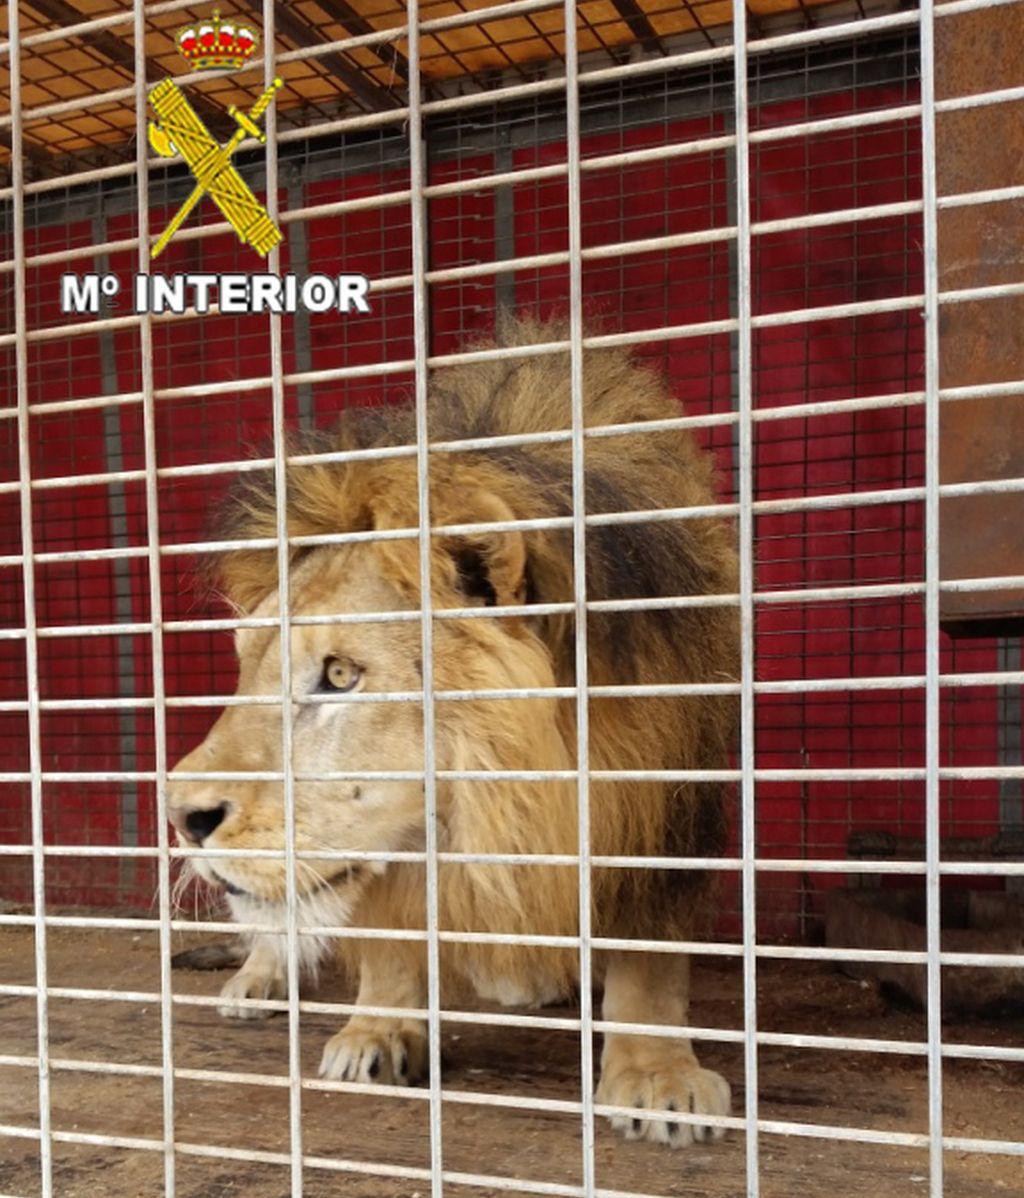 La Guardia Civil interviene 2 leones y 1 pantera en una operación contra el tráfico ilegal de animales